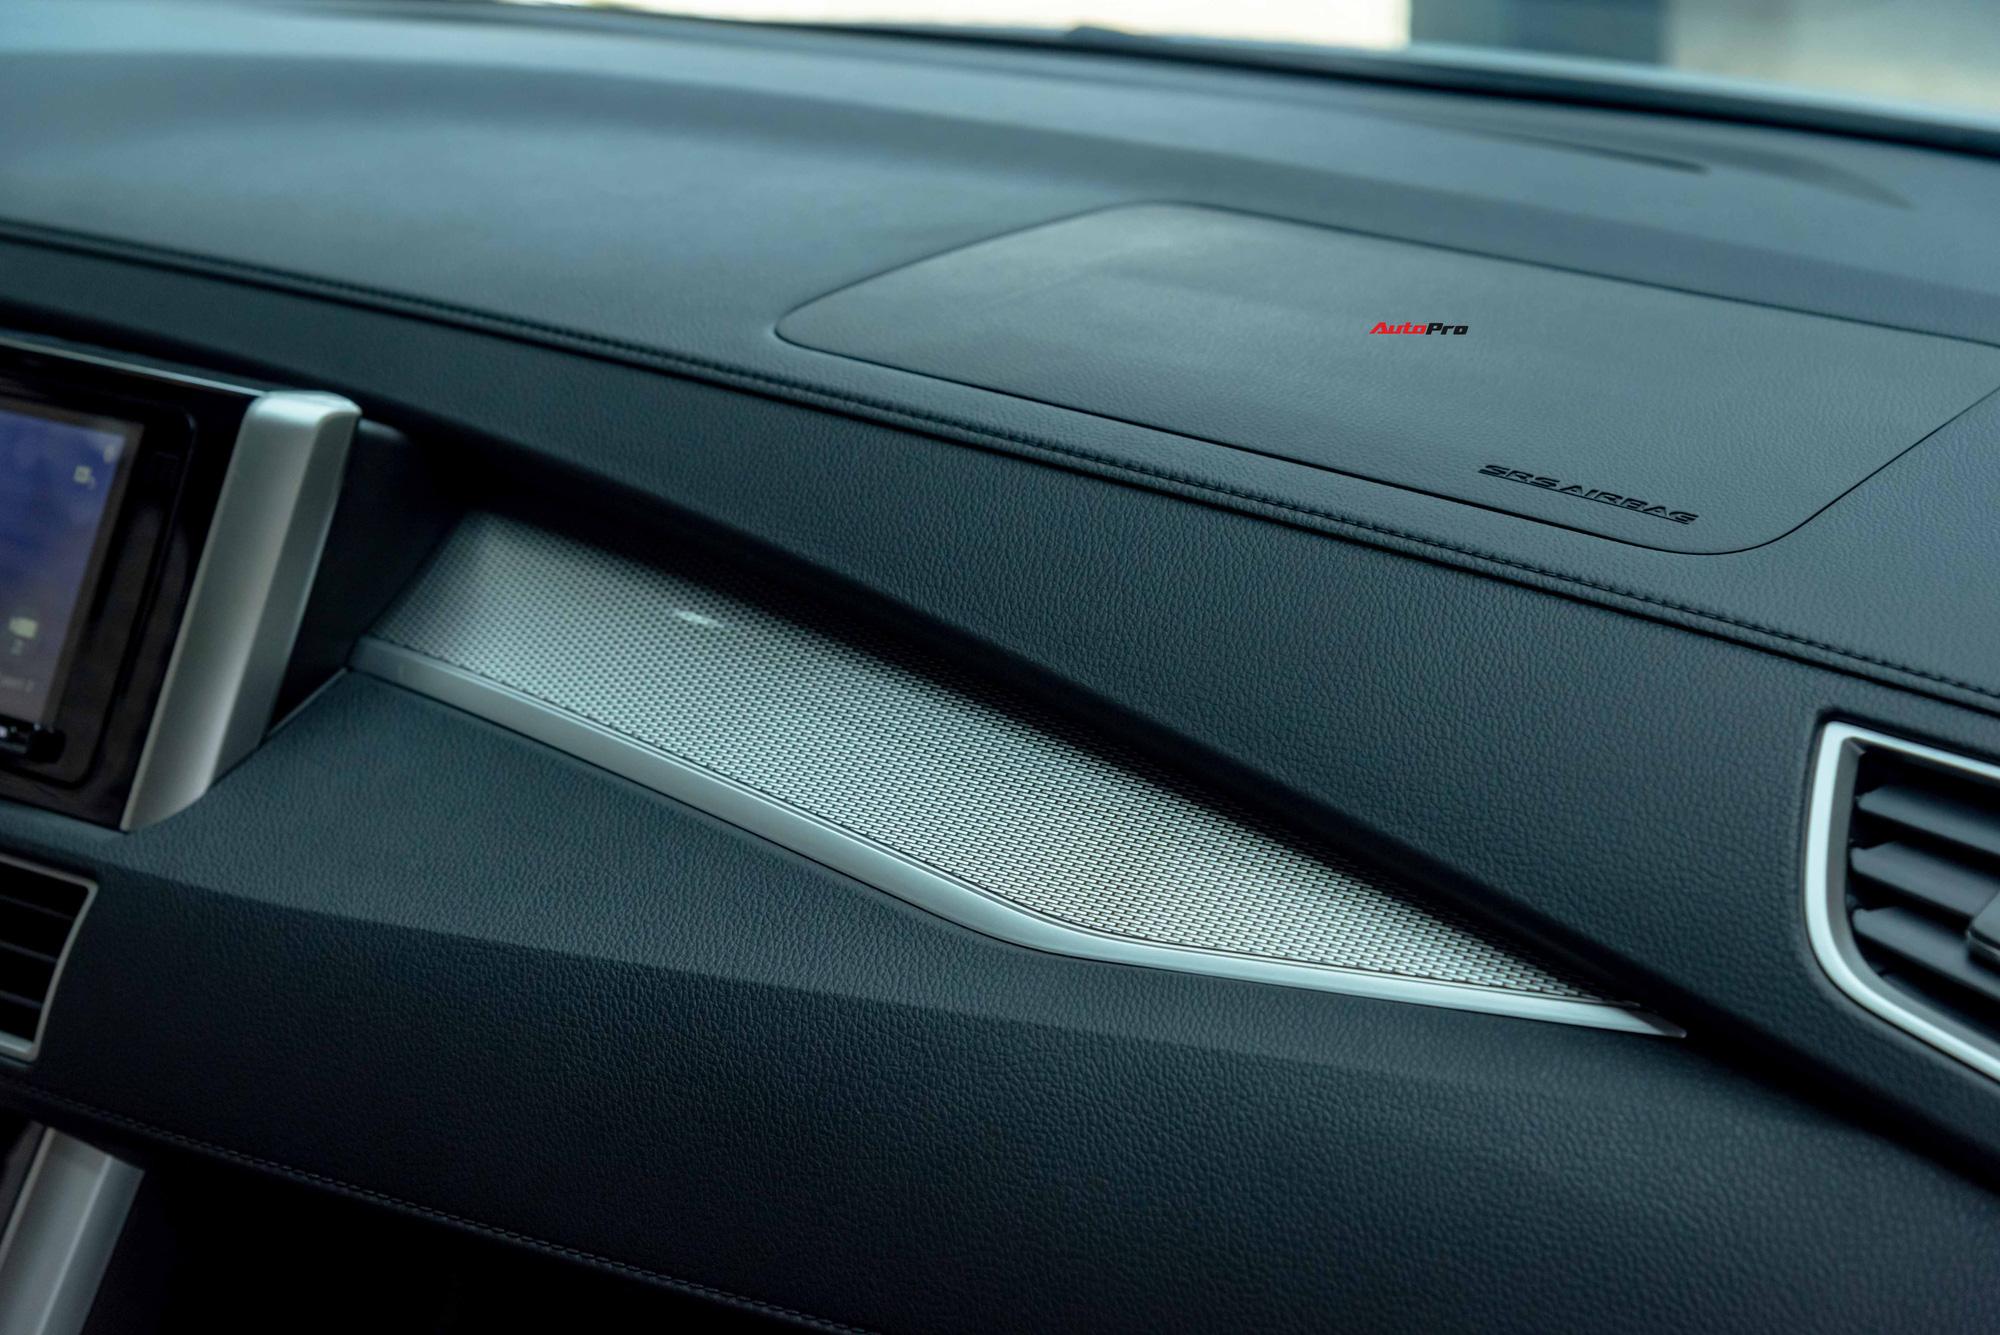 Ra mắt Mitsubishi Xpander 2020: Đánh giá 8 điểm mới, tăng 10 triệu nhưng tặng lại 10 triệu, rộng đường giữ ngôi vua MPV-16